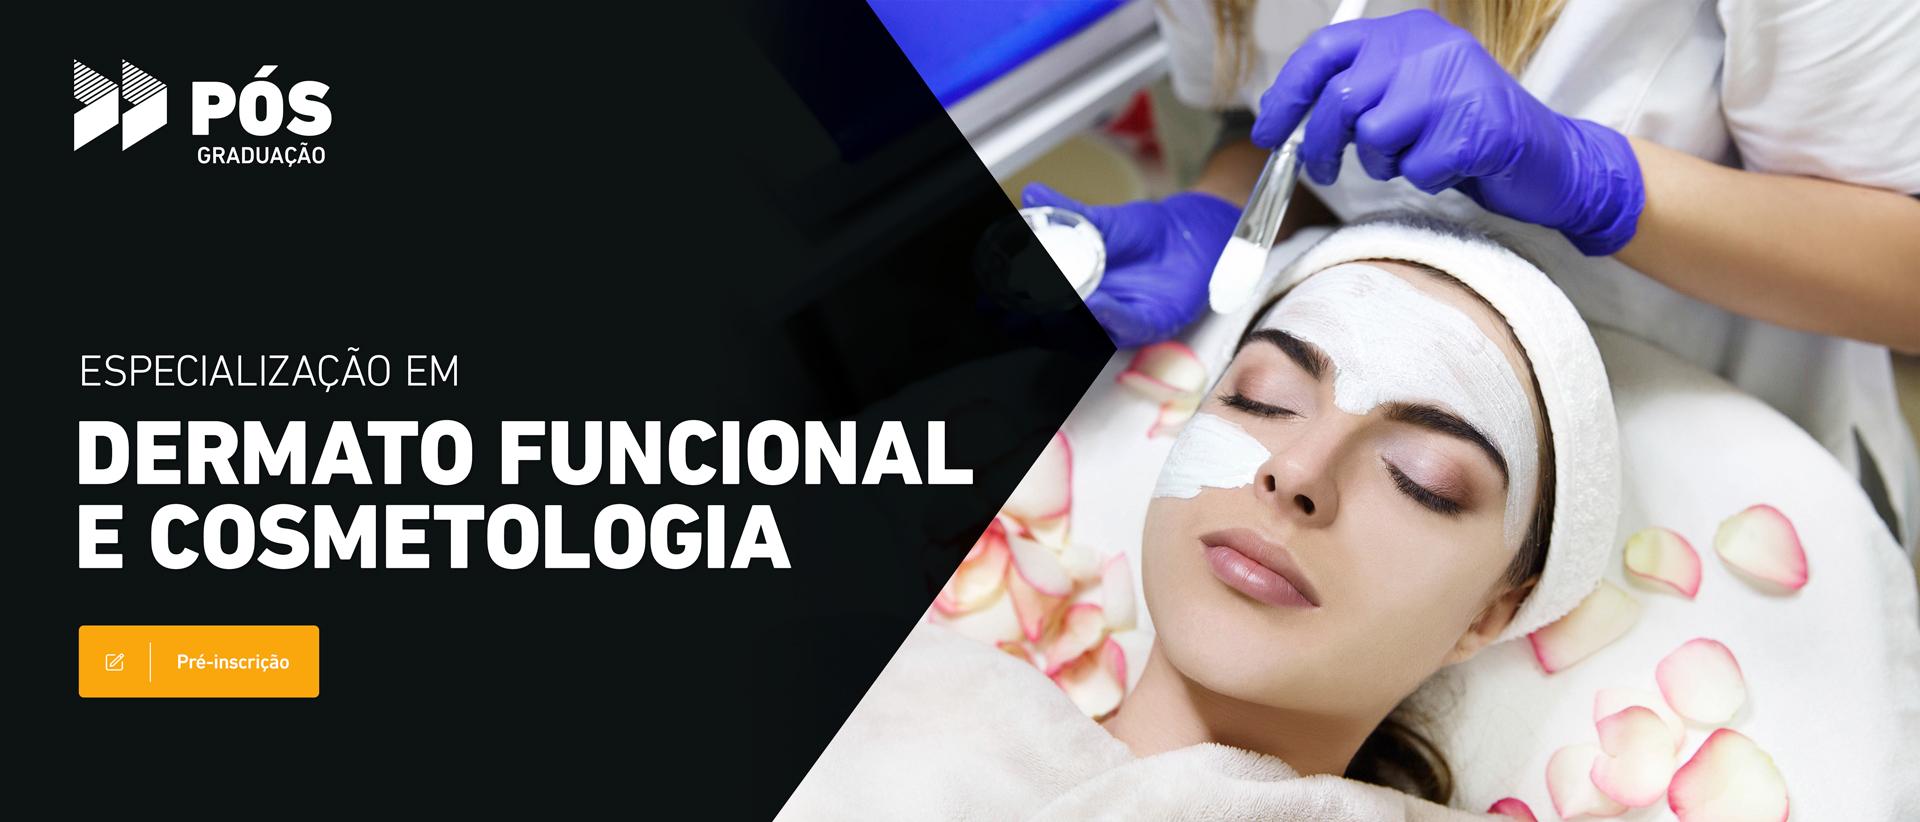 Pós_Dermato-Funcional-e-Cosmetologia_v3